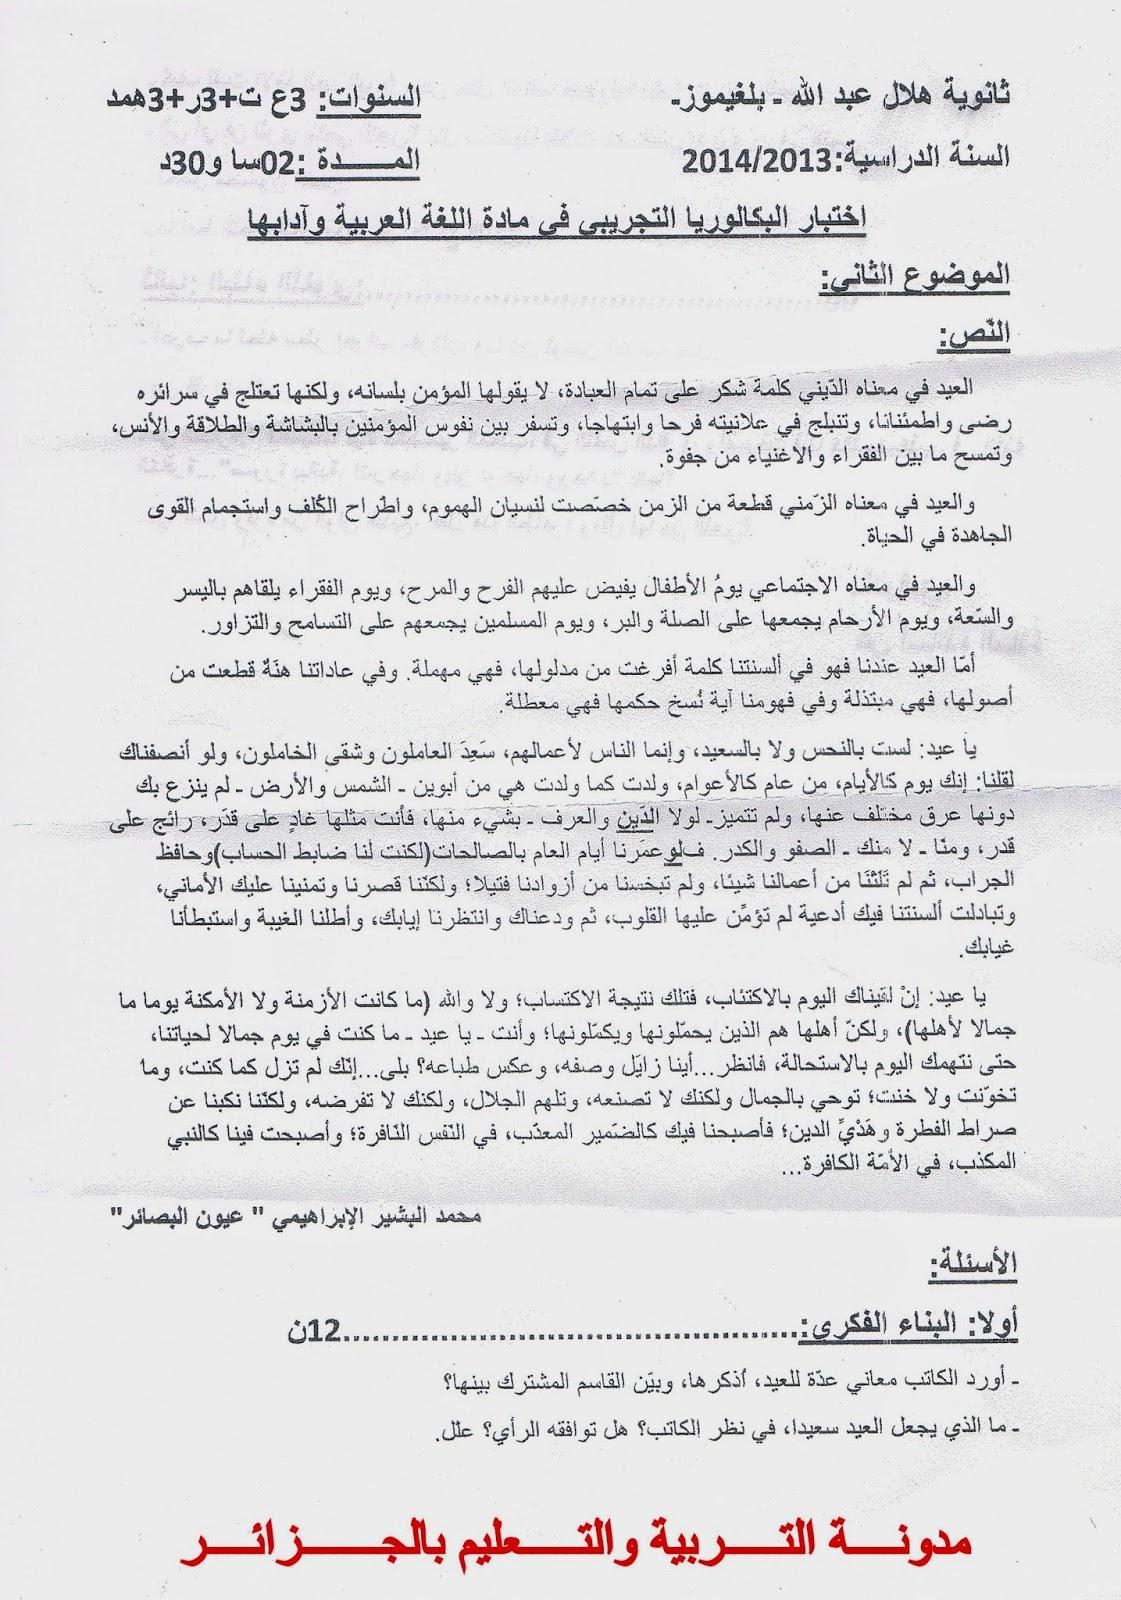 اختبار البكالوريا التجريبي في مادة اللغة العربية وآدابها 2013/2014 0